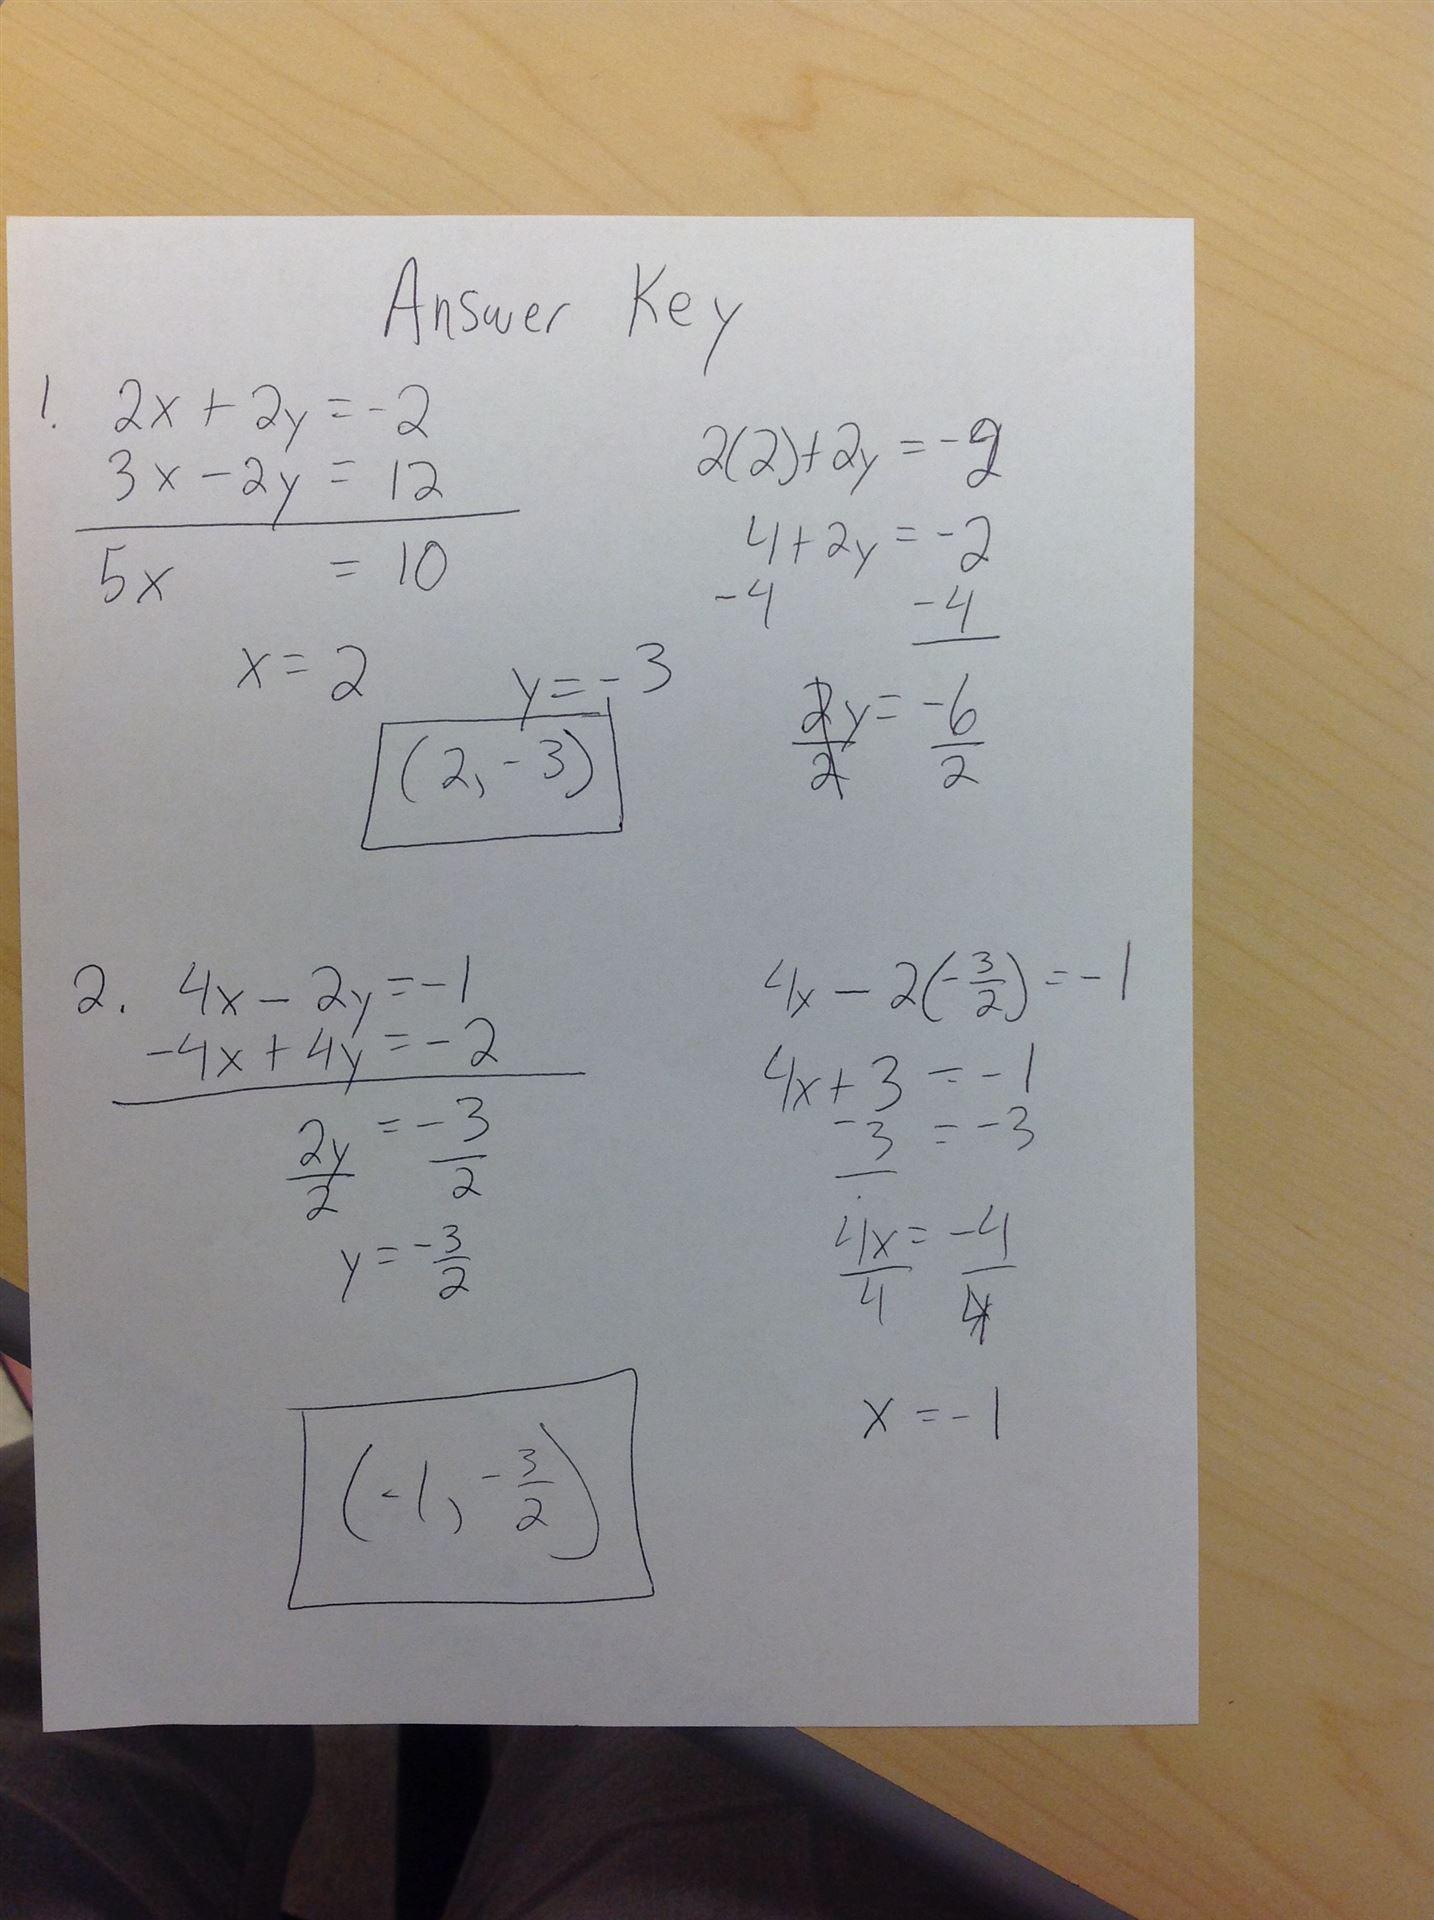 Books Never Written Math Worksheet Answers Key - 13 best ...